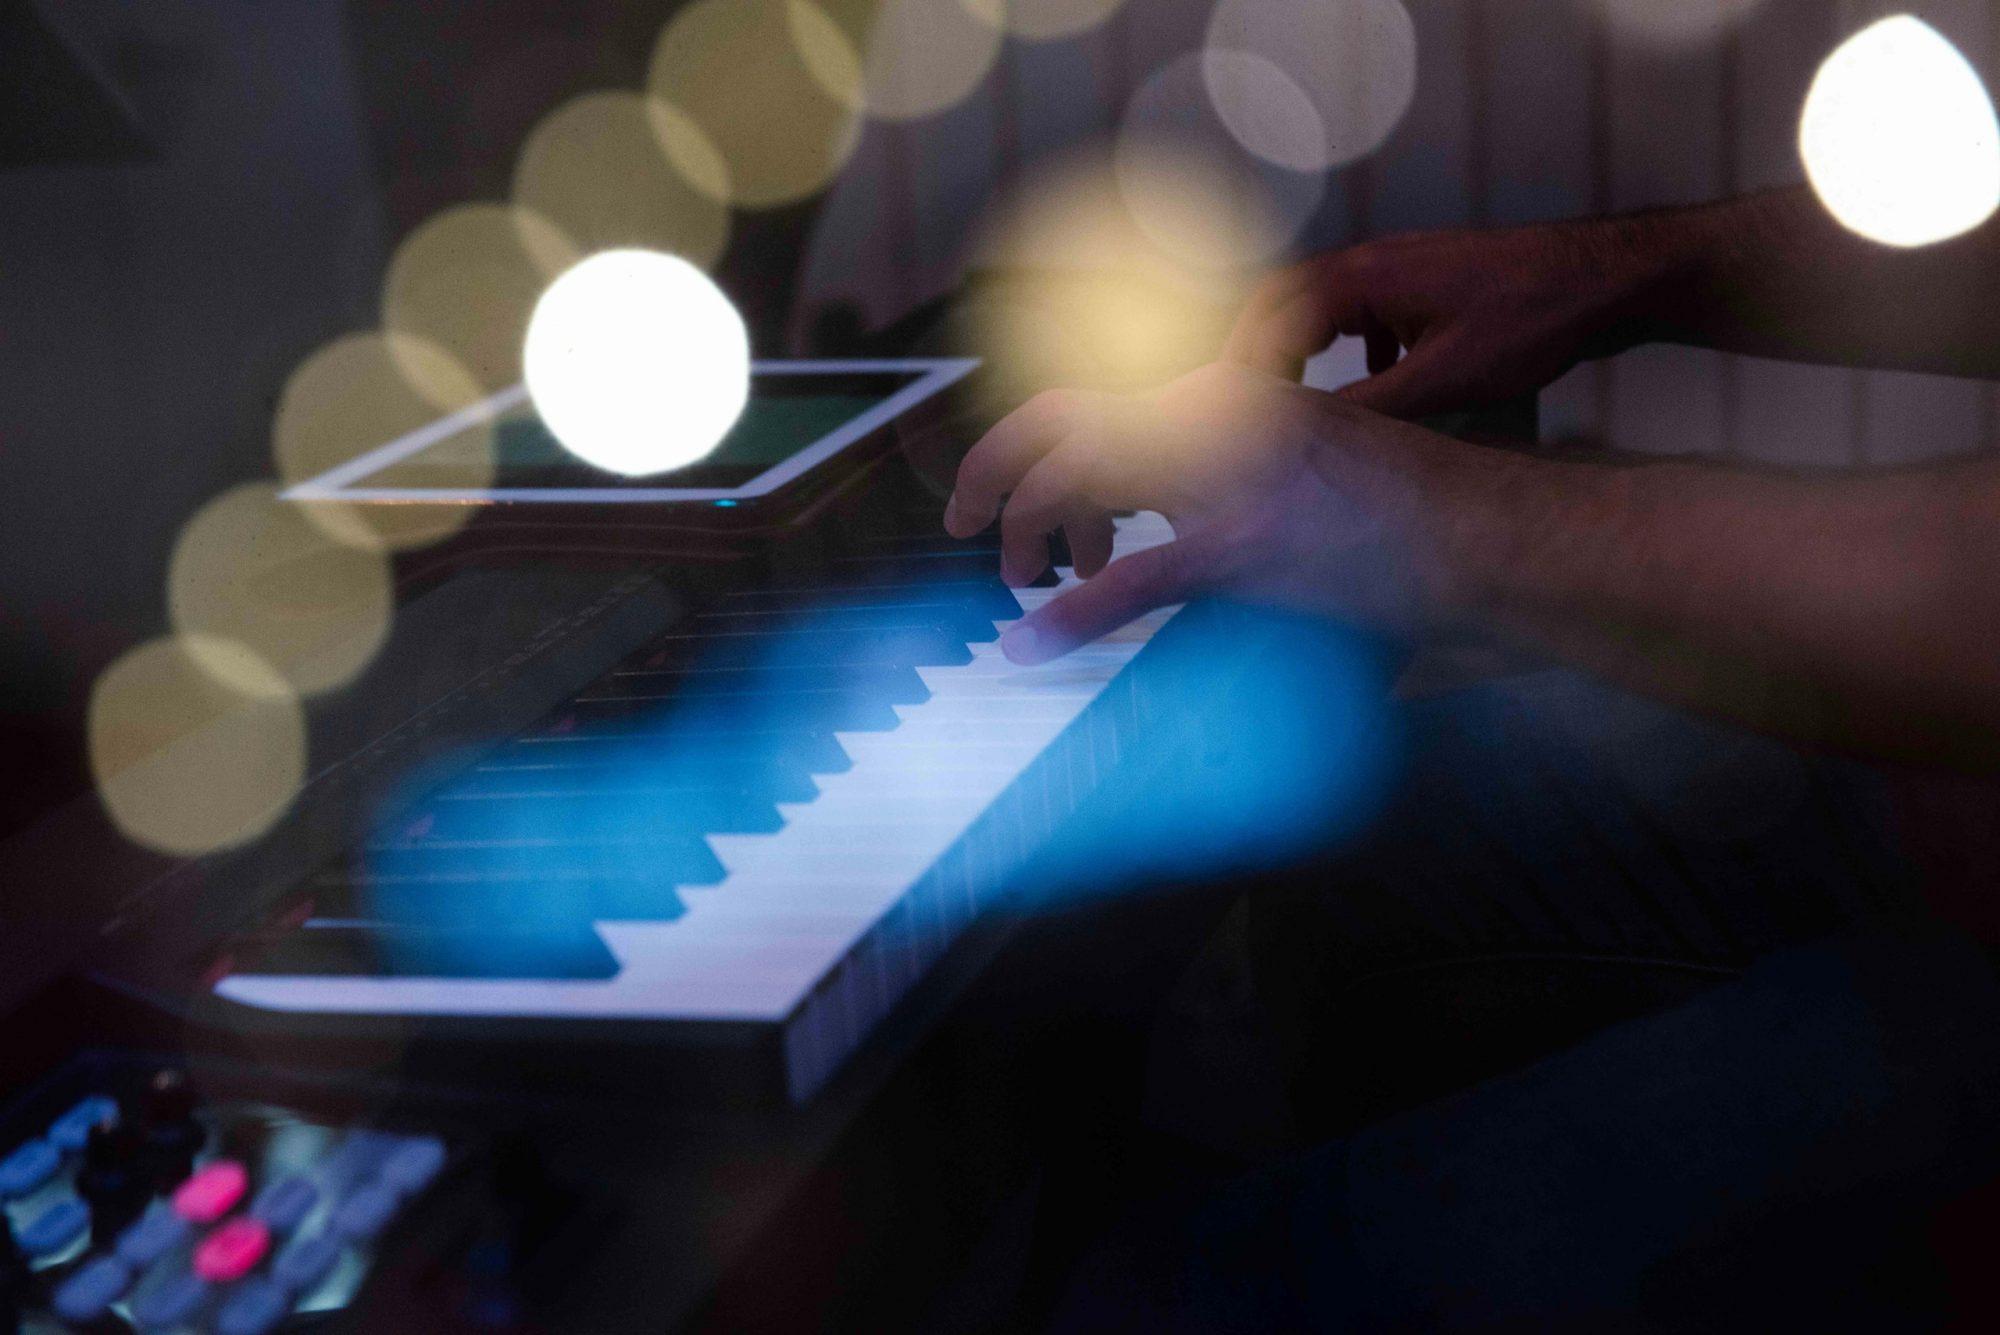 Тишина! Аппаратура пишет: как музыканты работают в студии над альбомом